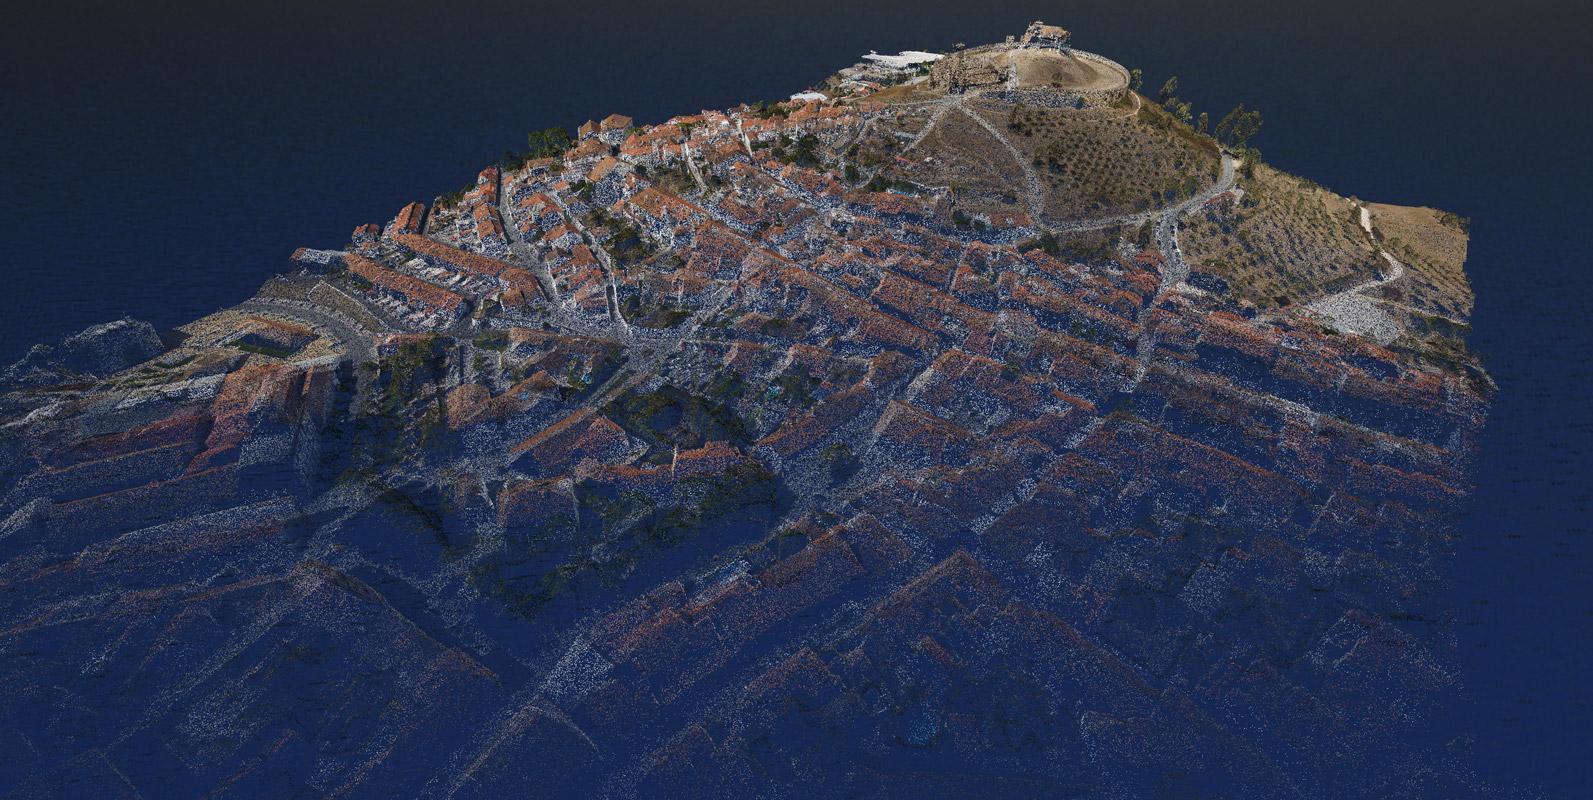 Nuvem de Pontos da Vila de Arraiolos - Modelação 3D